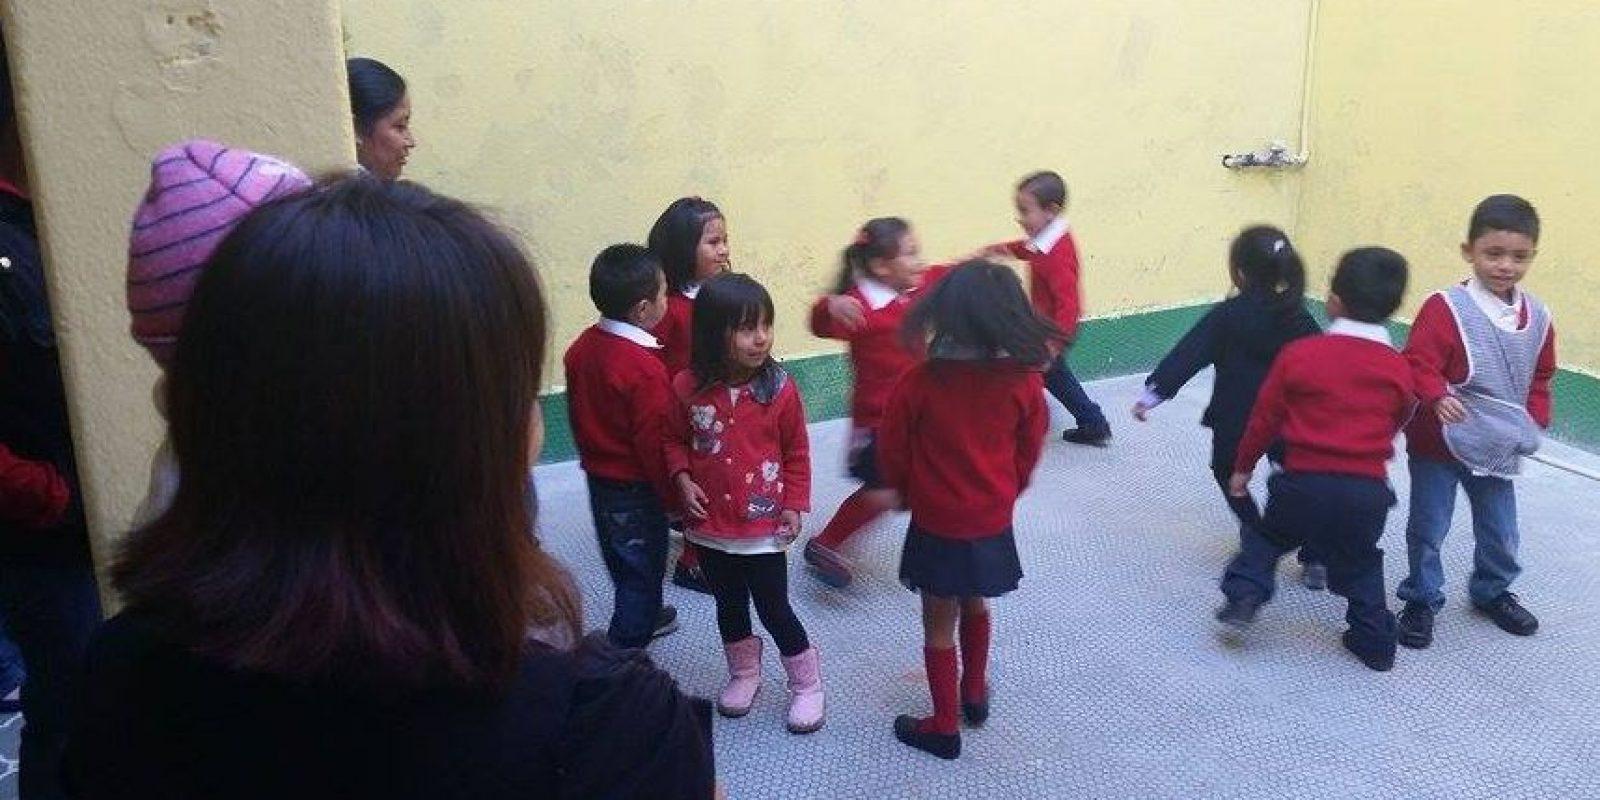 El recreo en la Escuela Leonor Cienfuegos. Foto:Kenneth Monzón